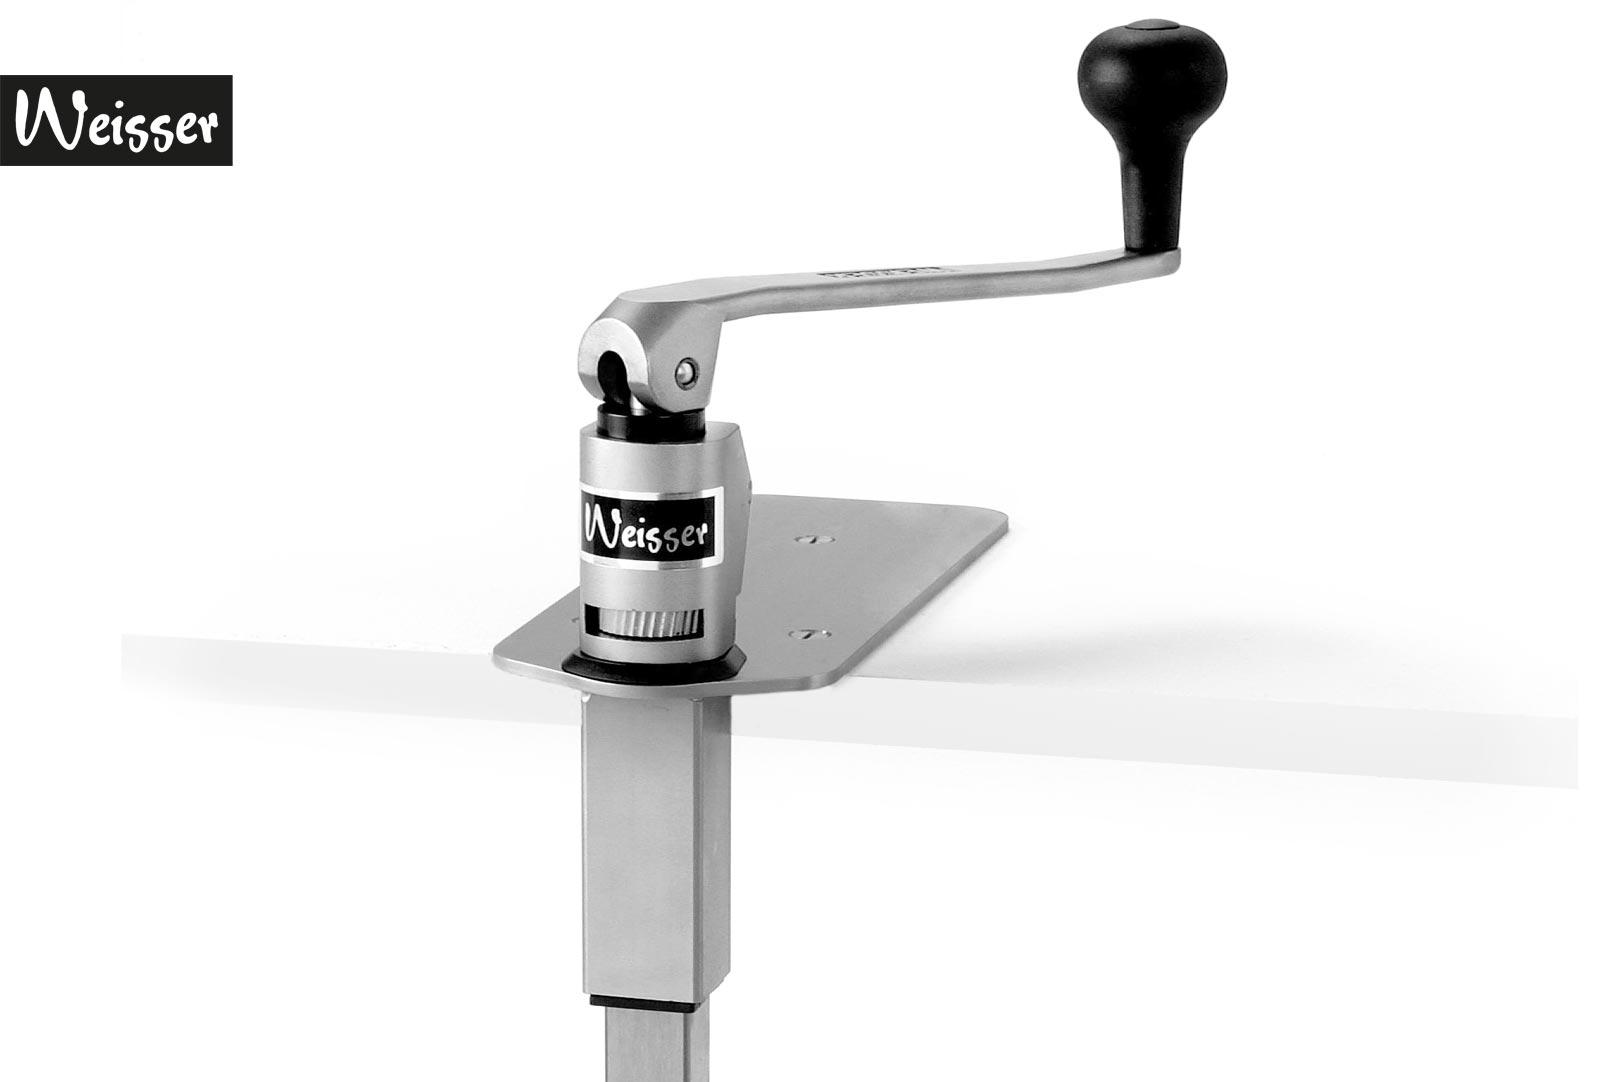 Weisser Tisch-Dosenöffner Modell DO10 für Dosen bis 10/1